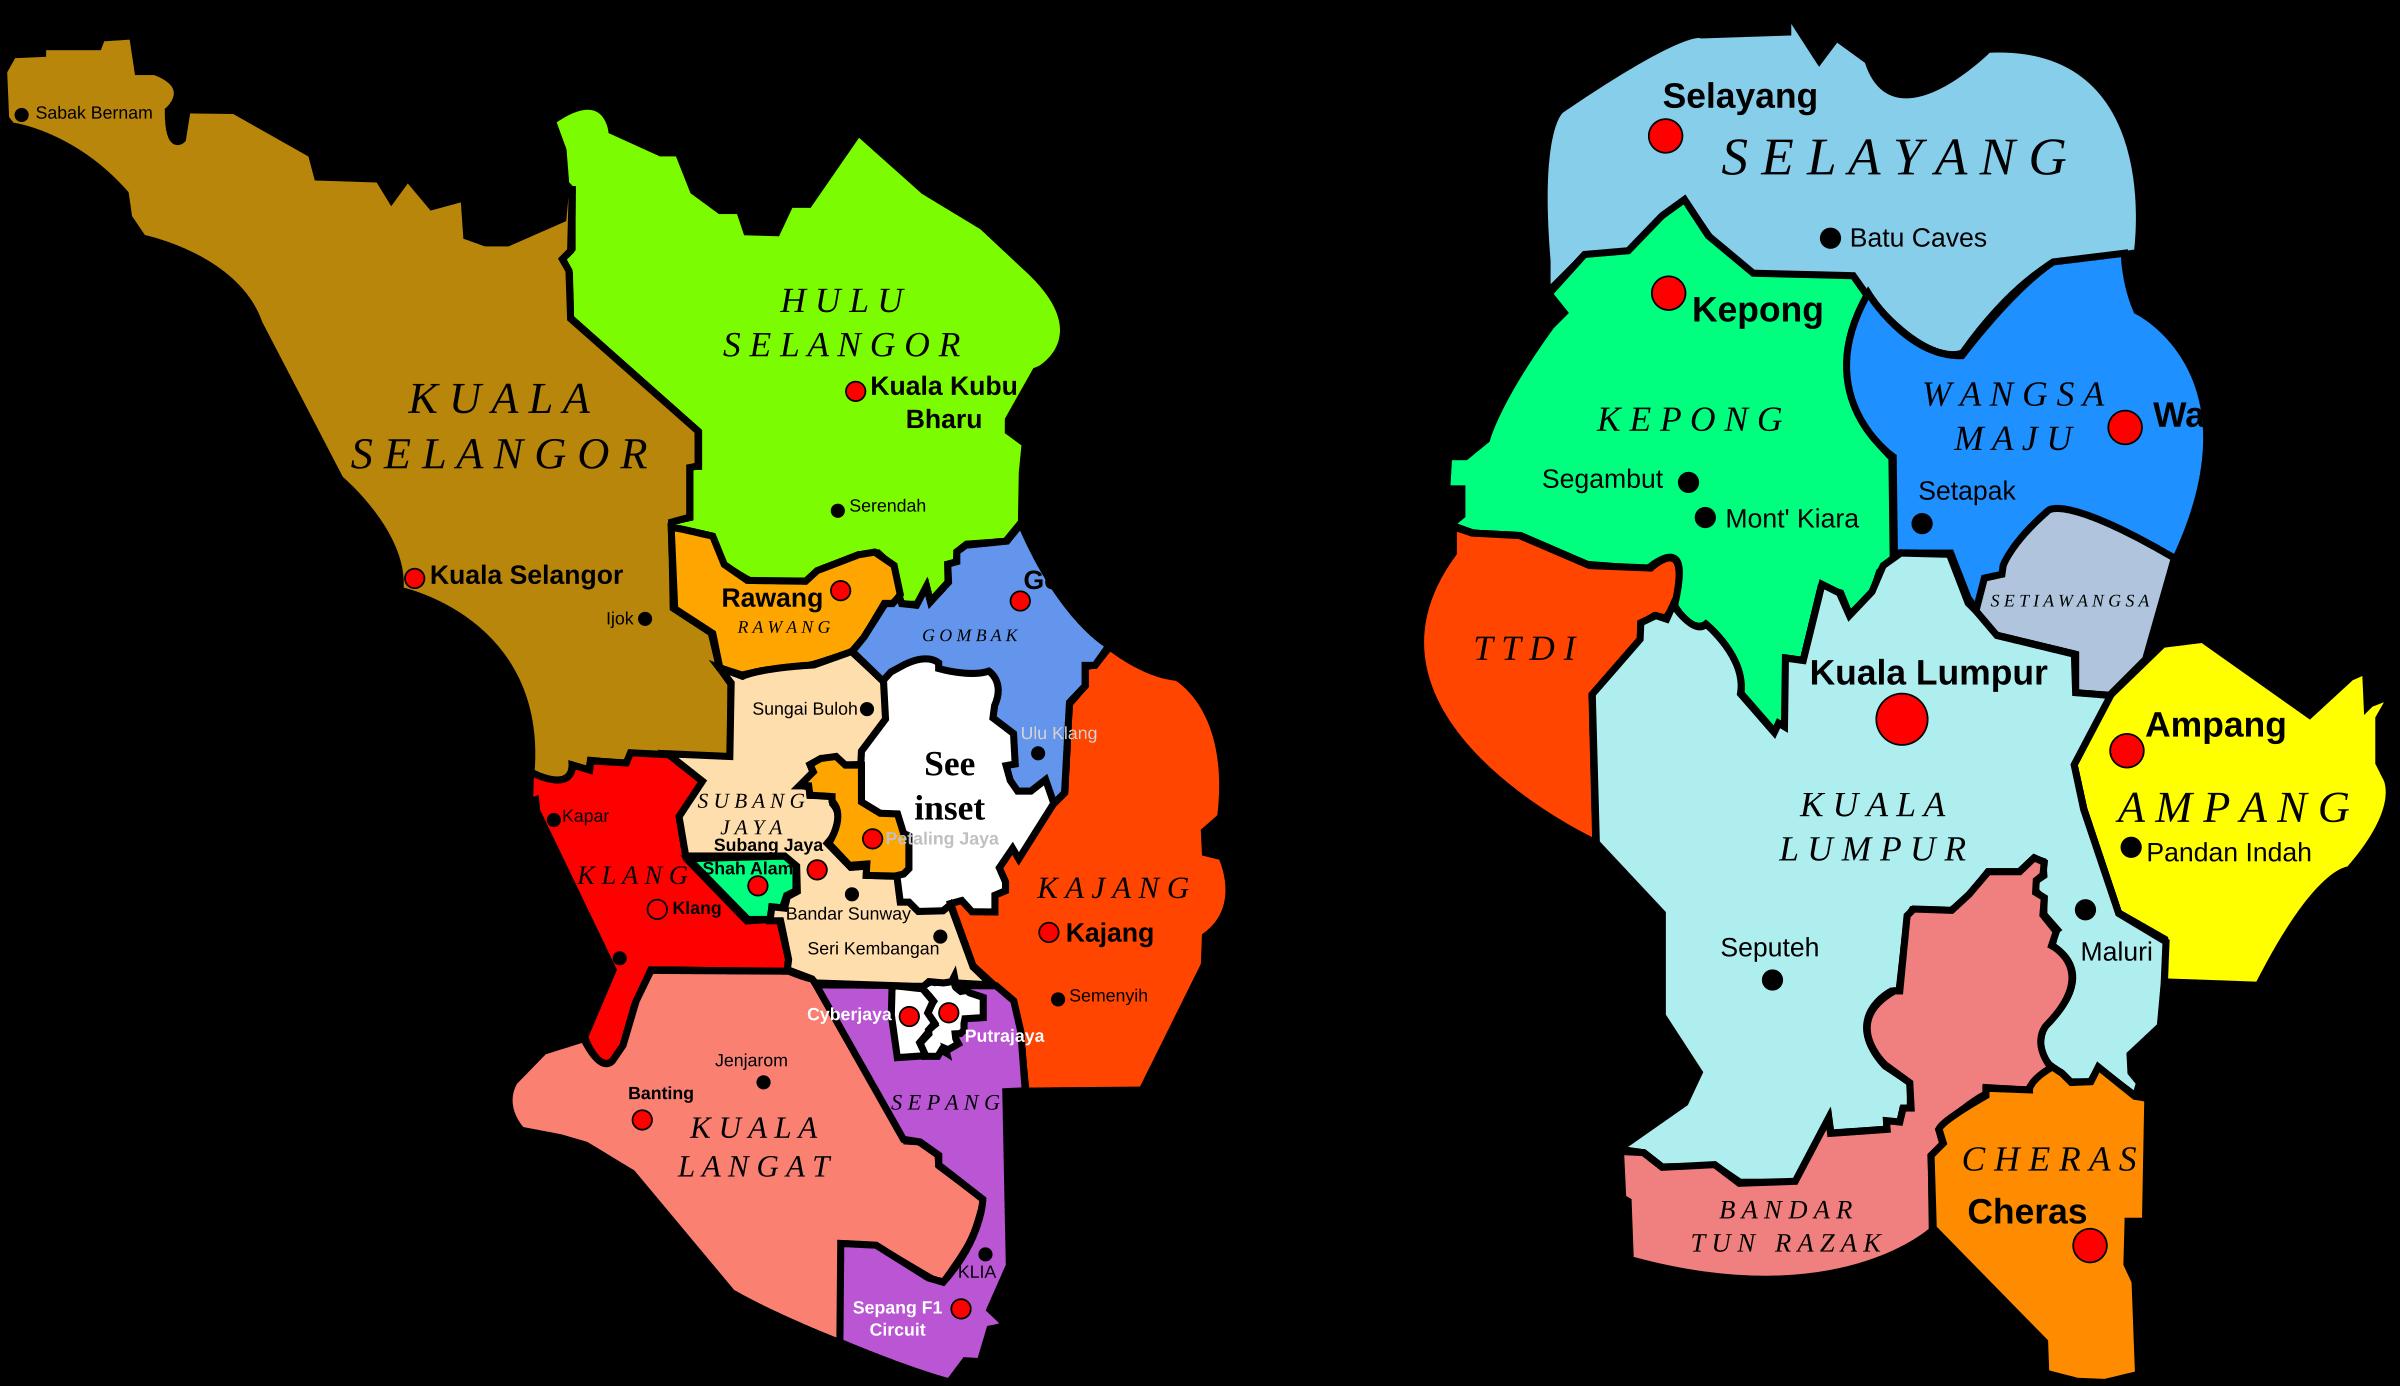 Area Maps Of Selangor And Kuala Lumpur Visit Selangor